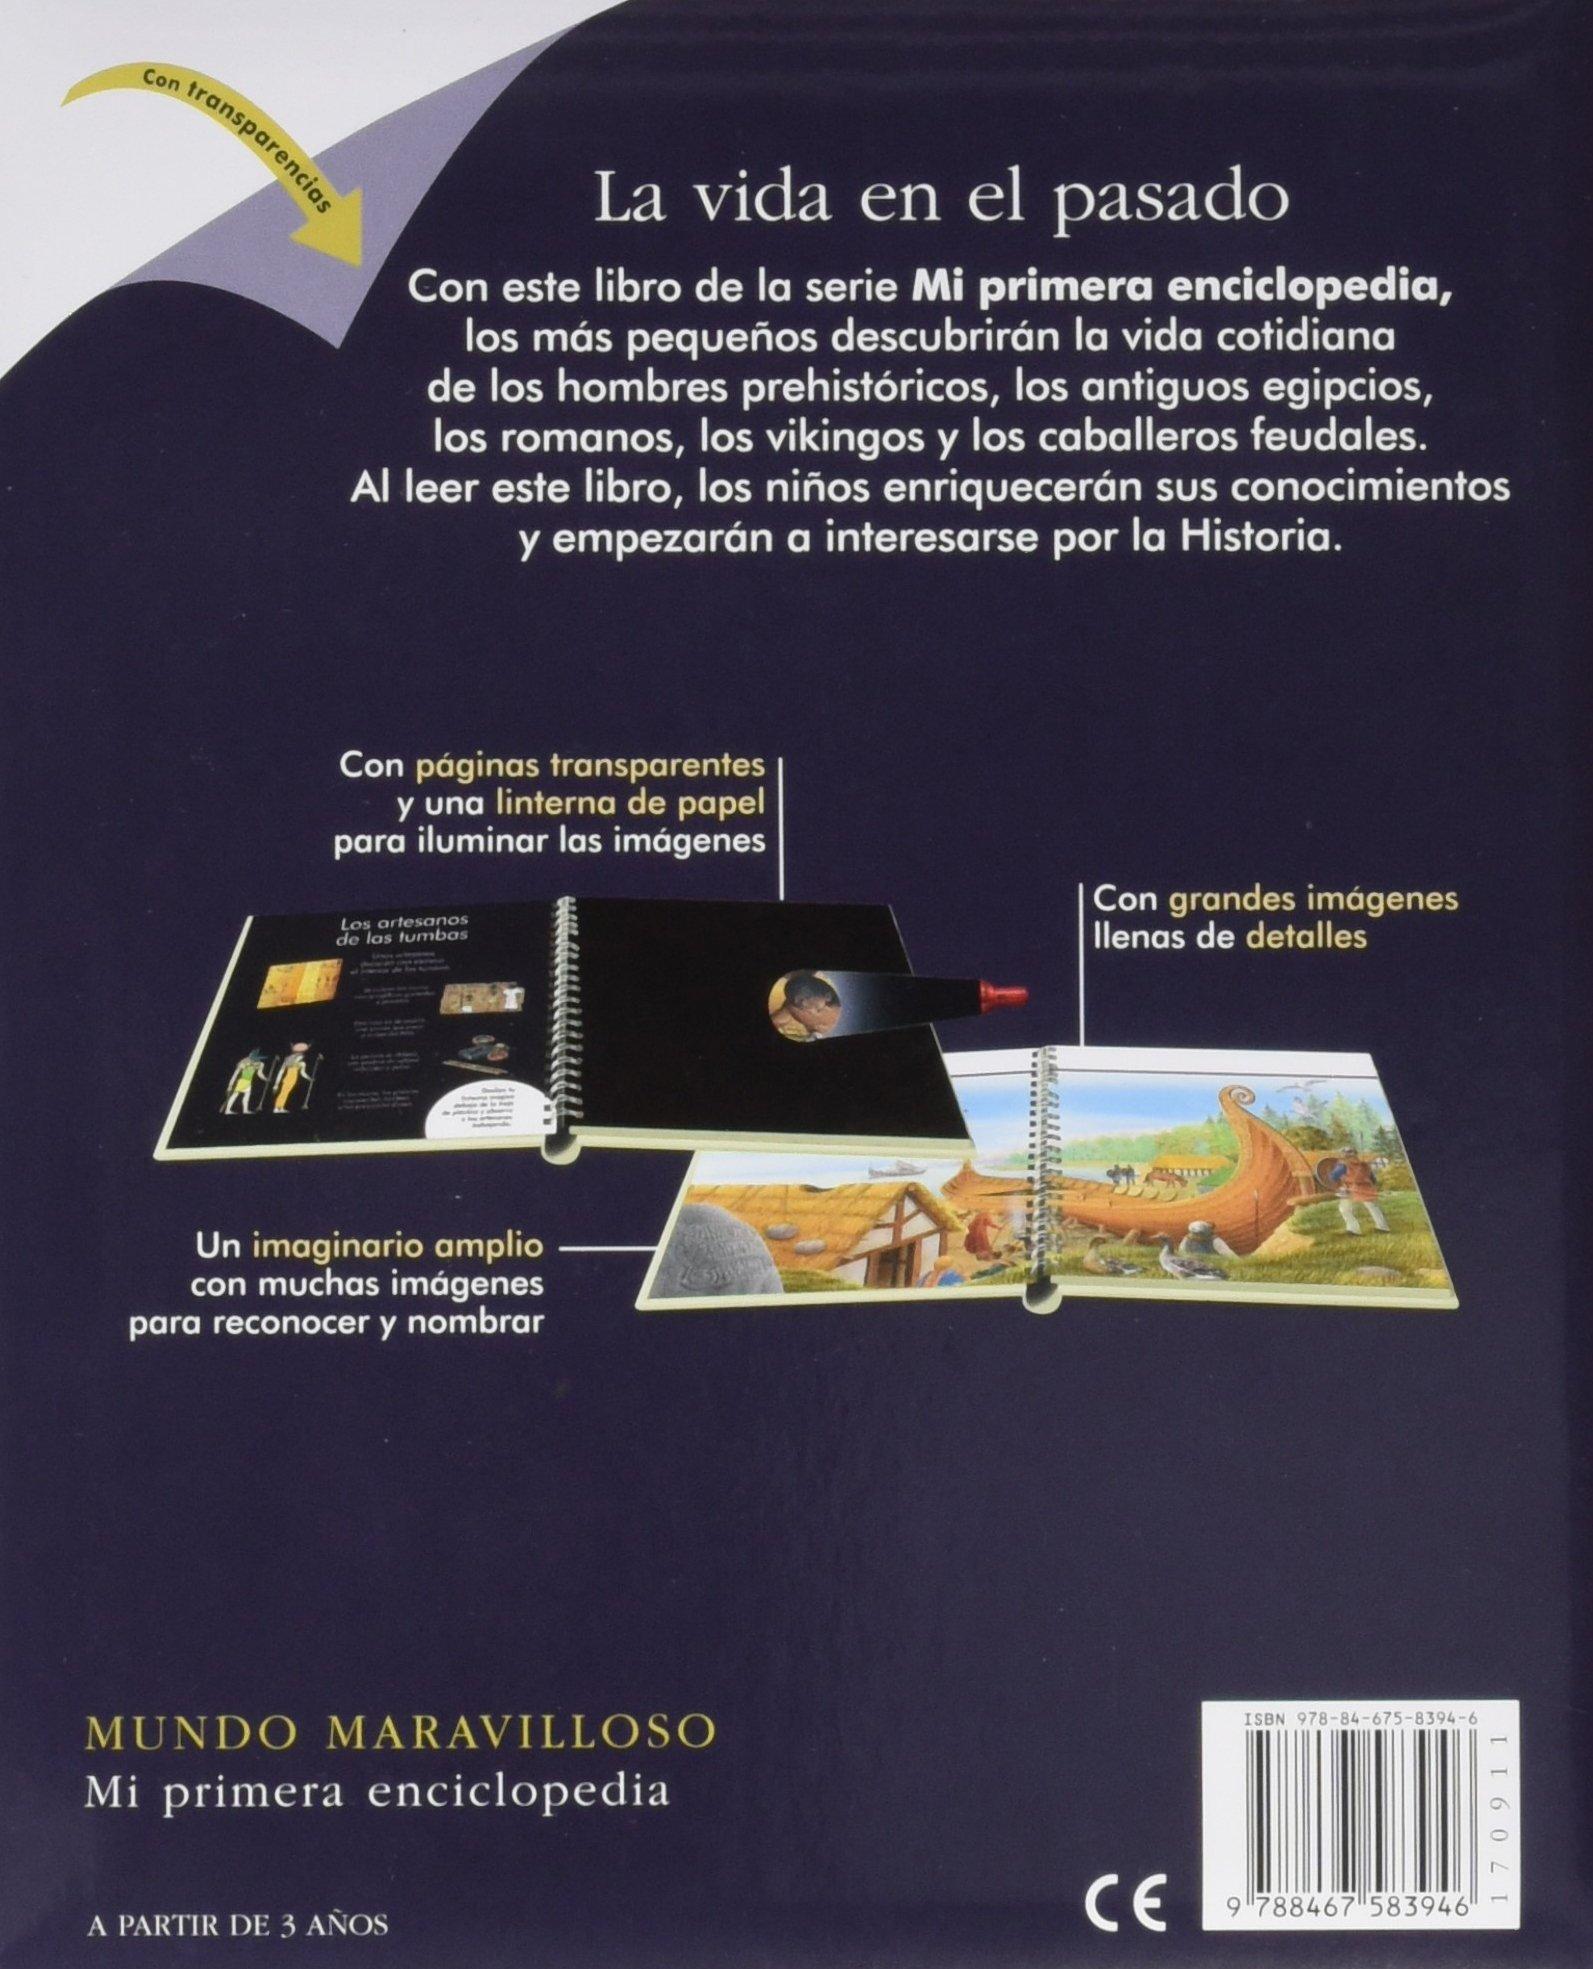 La vida en el pasado (Mundo maravilloso): Amazon.es: Daniel Moignot, César  Martínez González: Libros